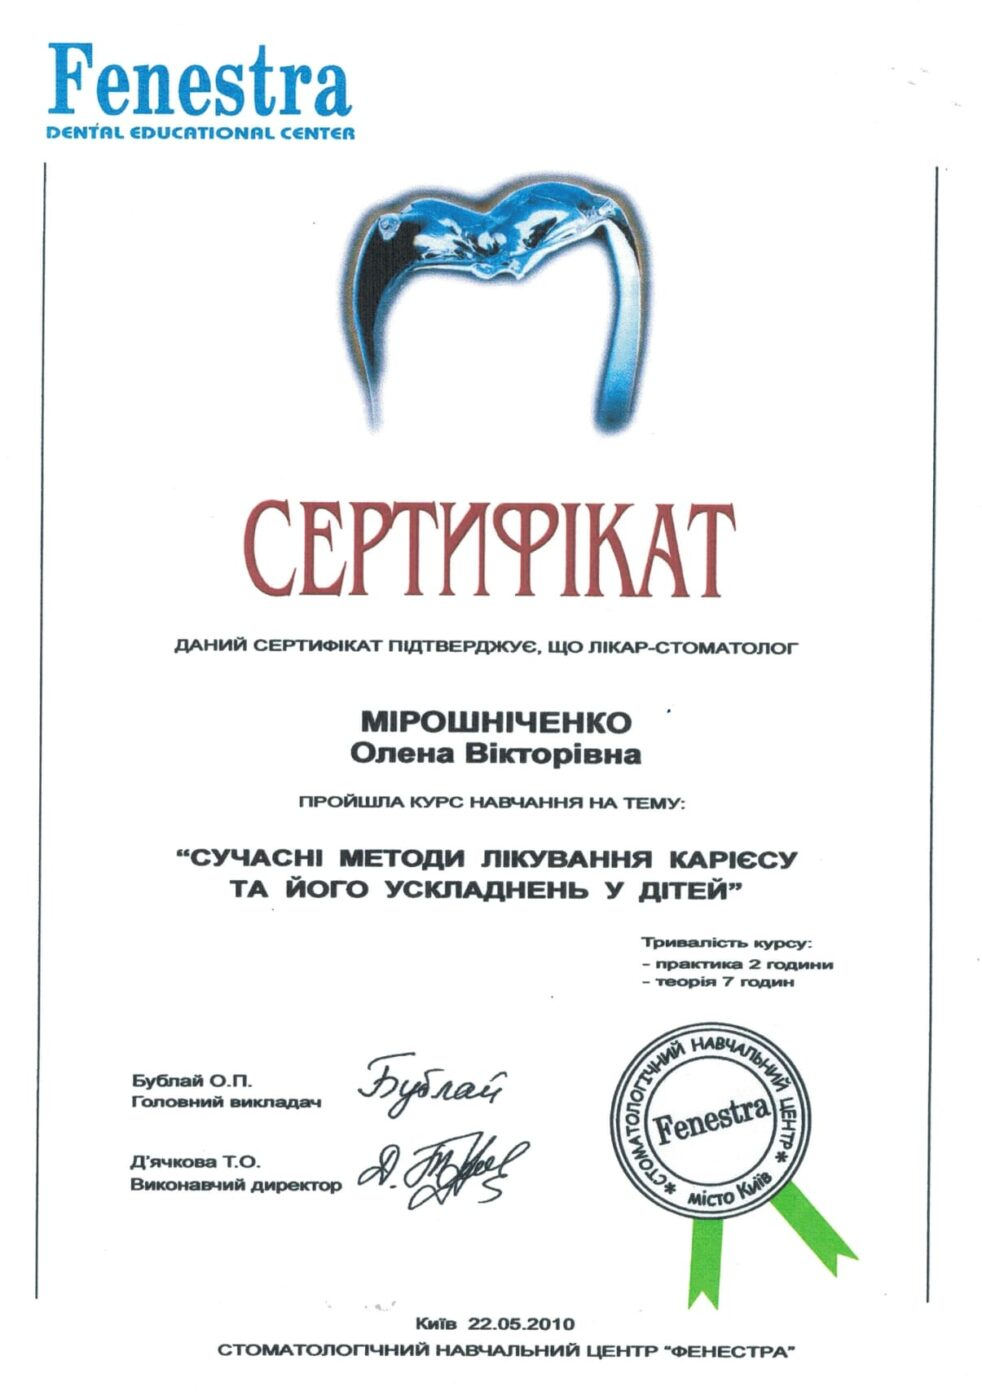 Сертификат подтверждающий участие Алёны Мирошниченко в курсе - Современные методы лечения кариеса у детей и его усложнений